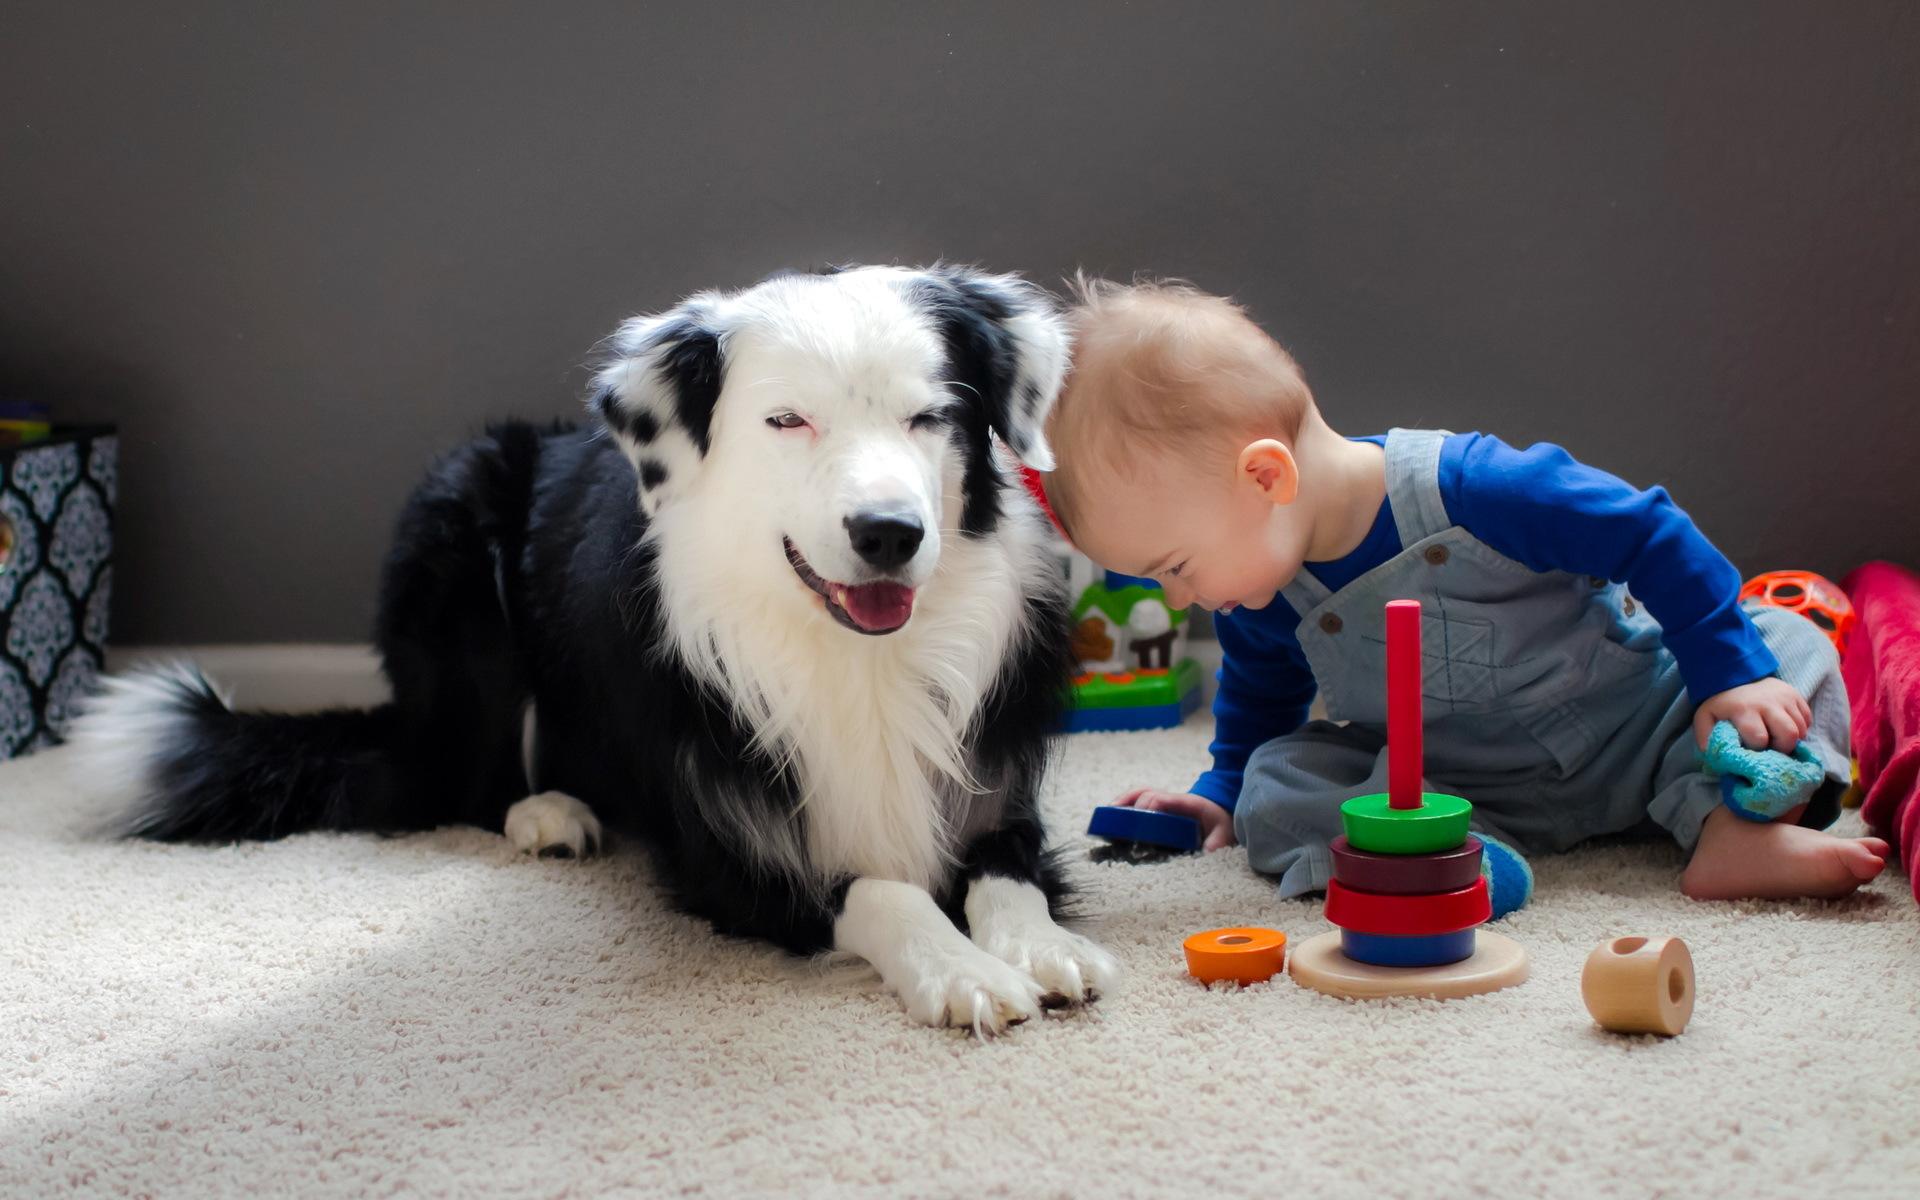 Картинка щенок бимбо которого подарили малышу